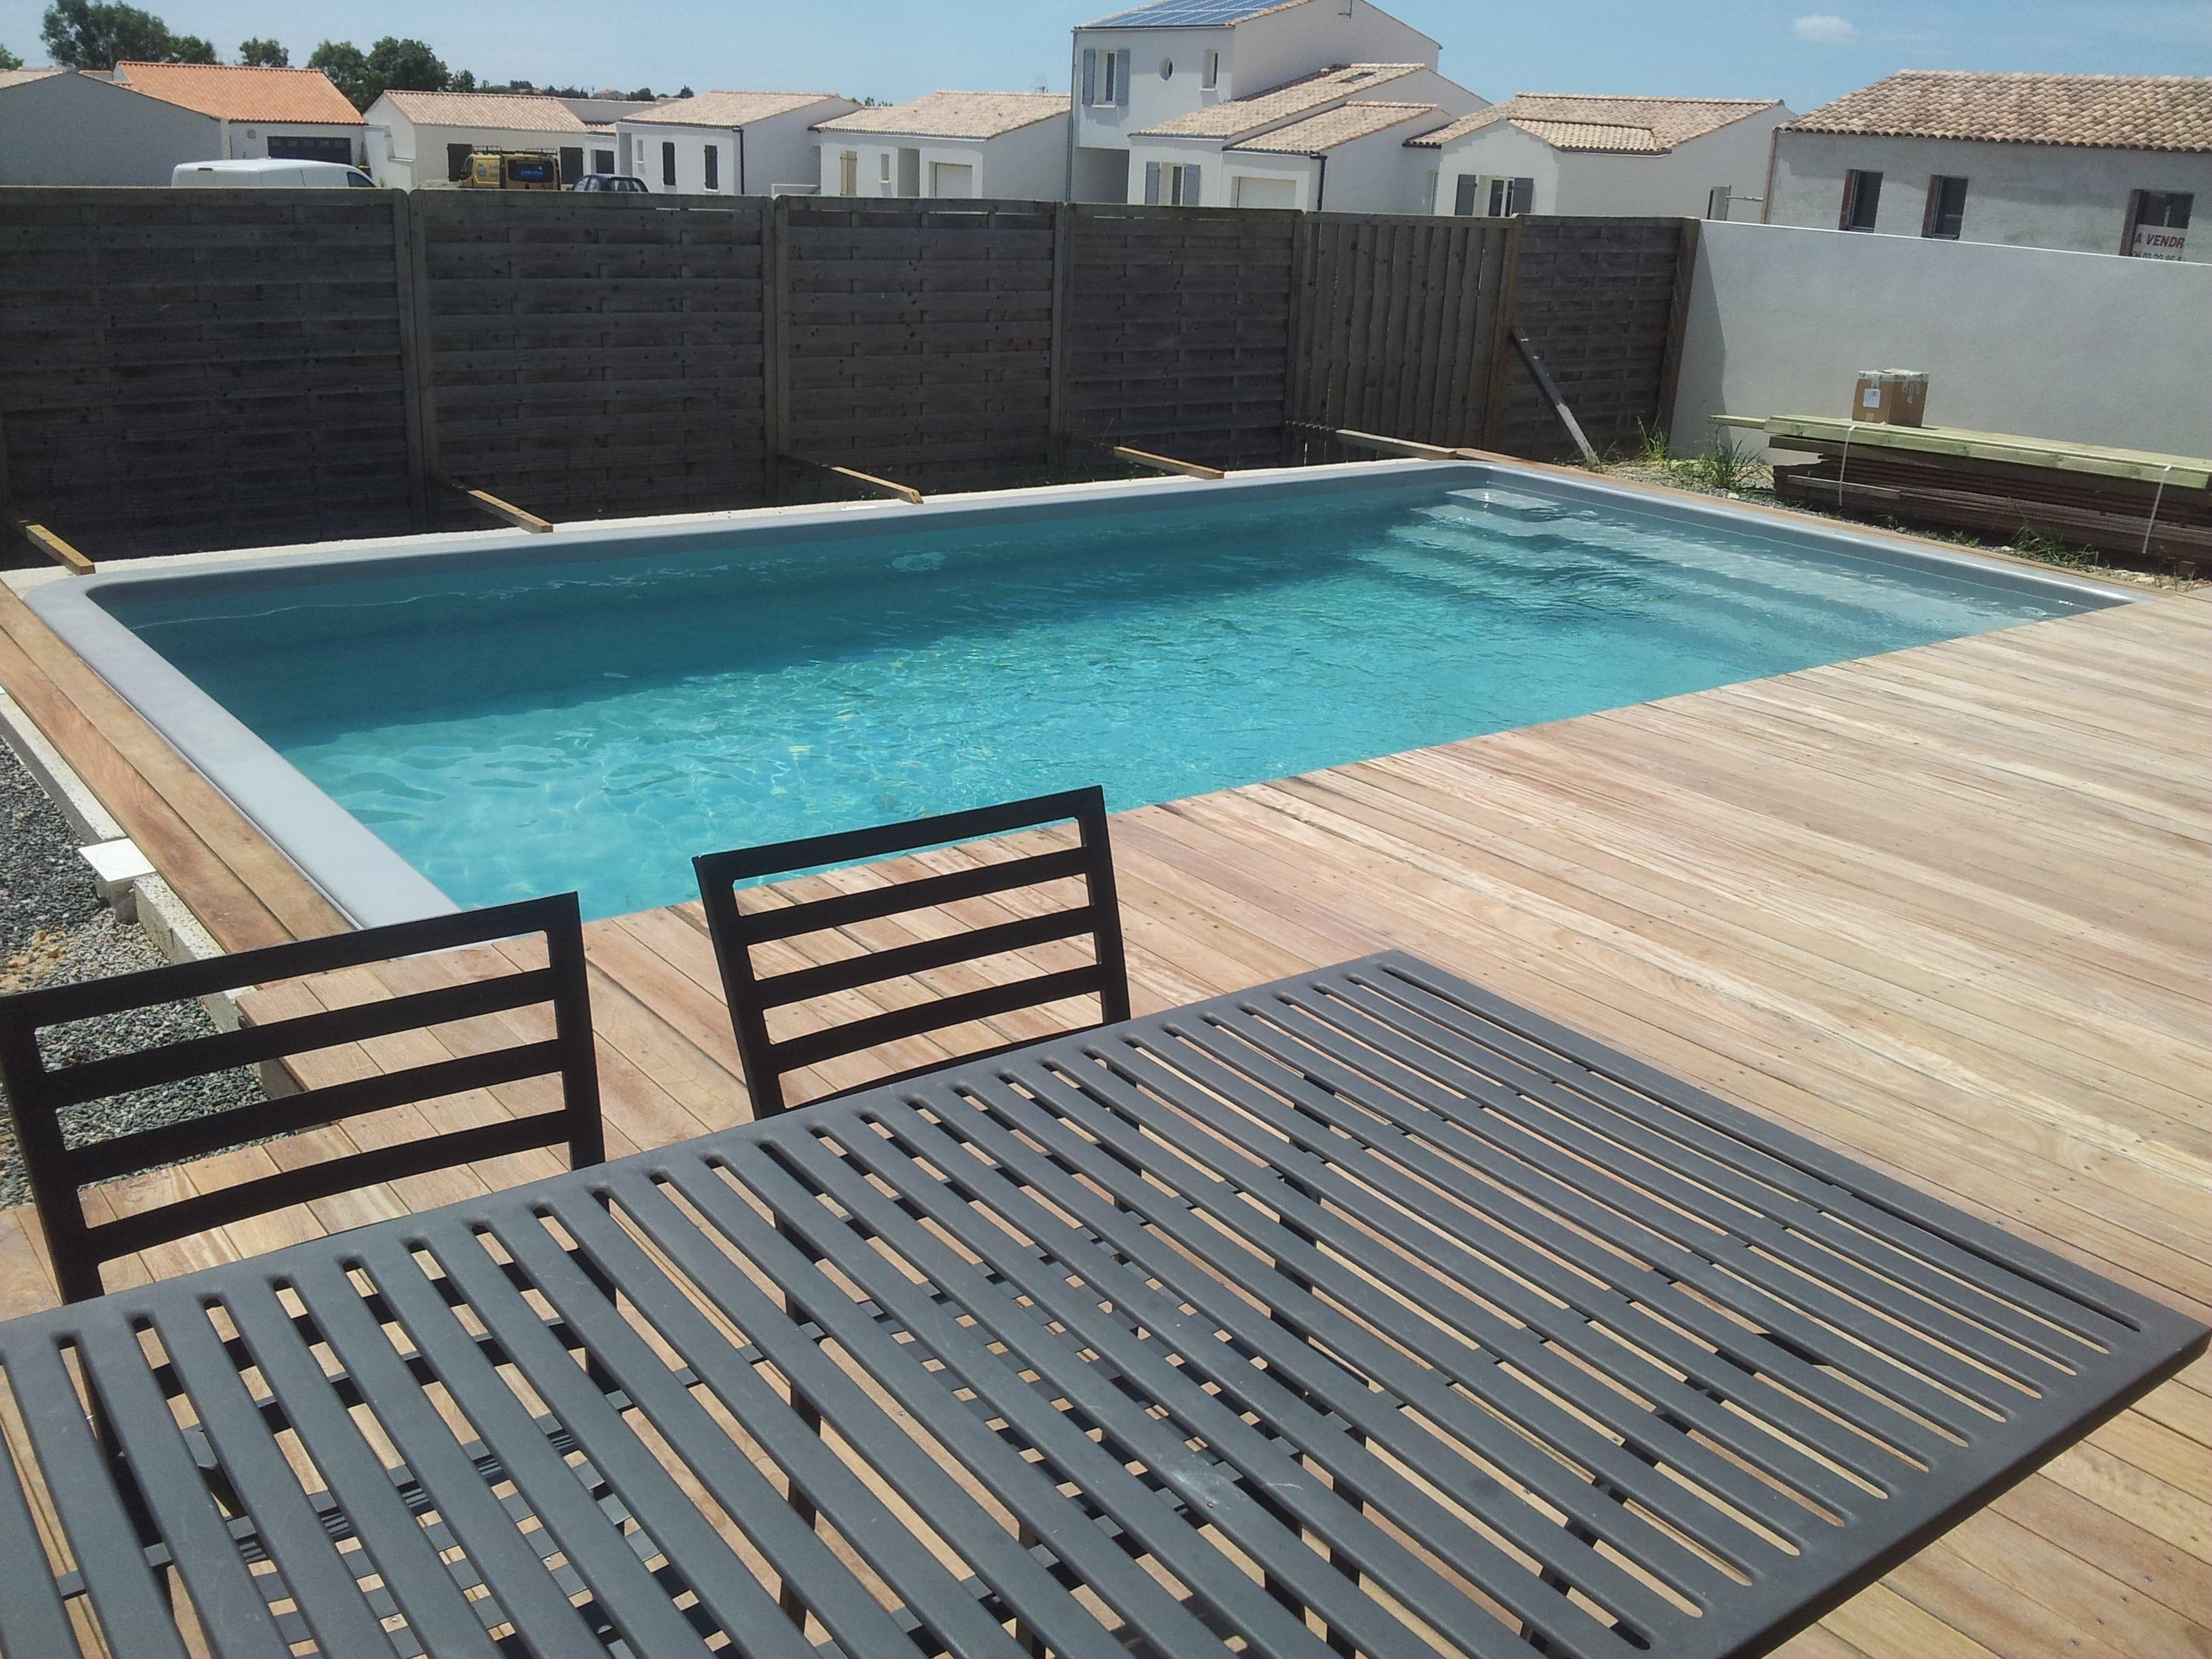 vente-piscine-coque-9m50-51m3-charente-maritime